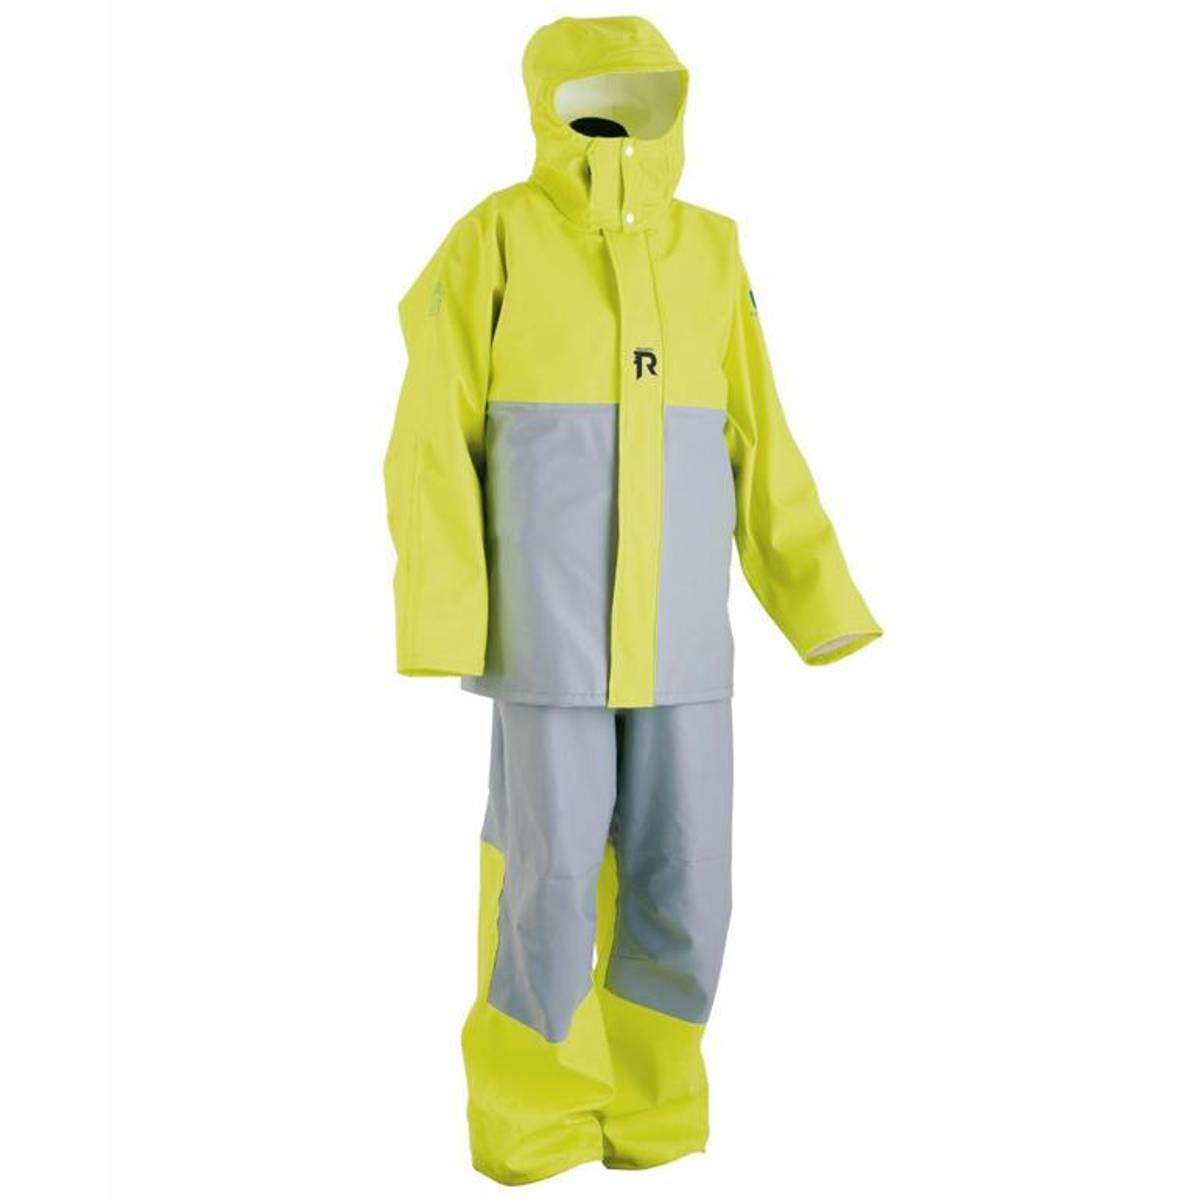 FISHERMAN dress 50N bukse og jakke